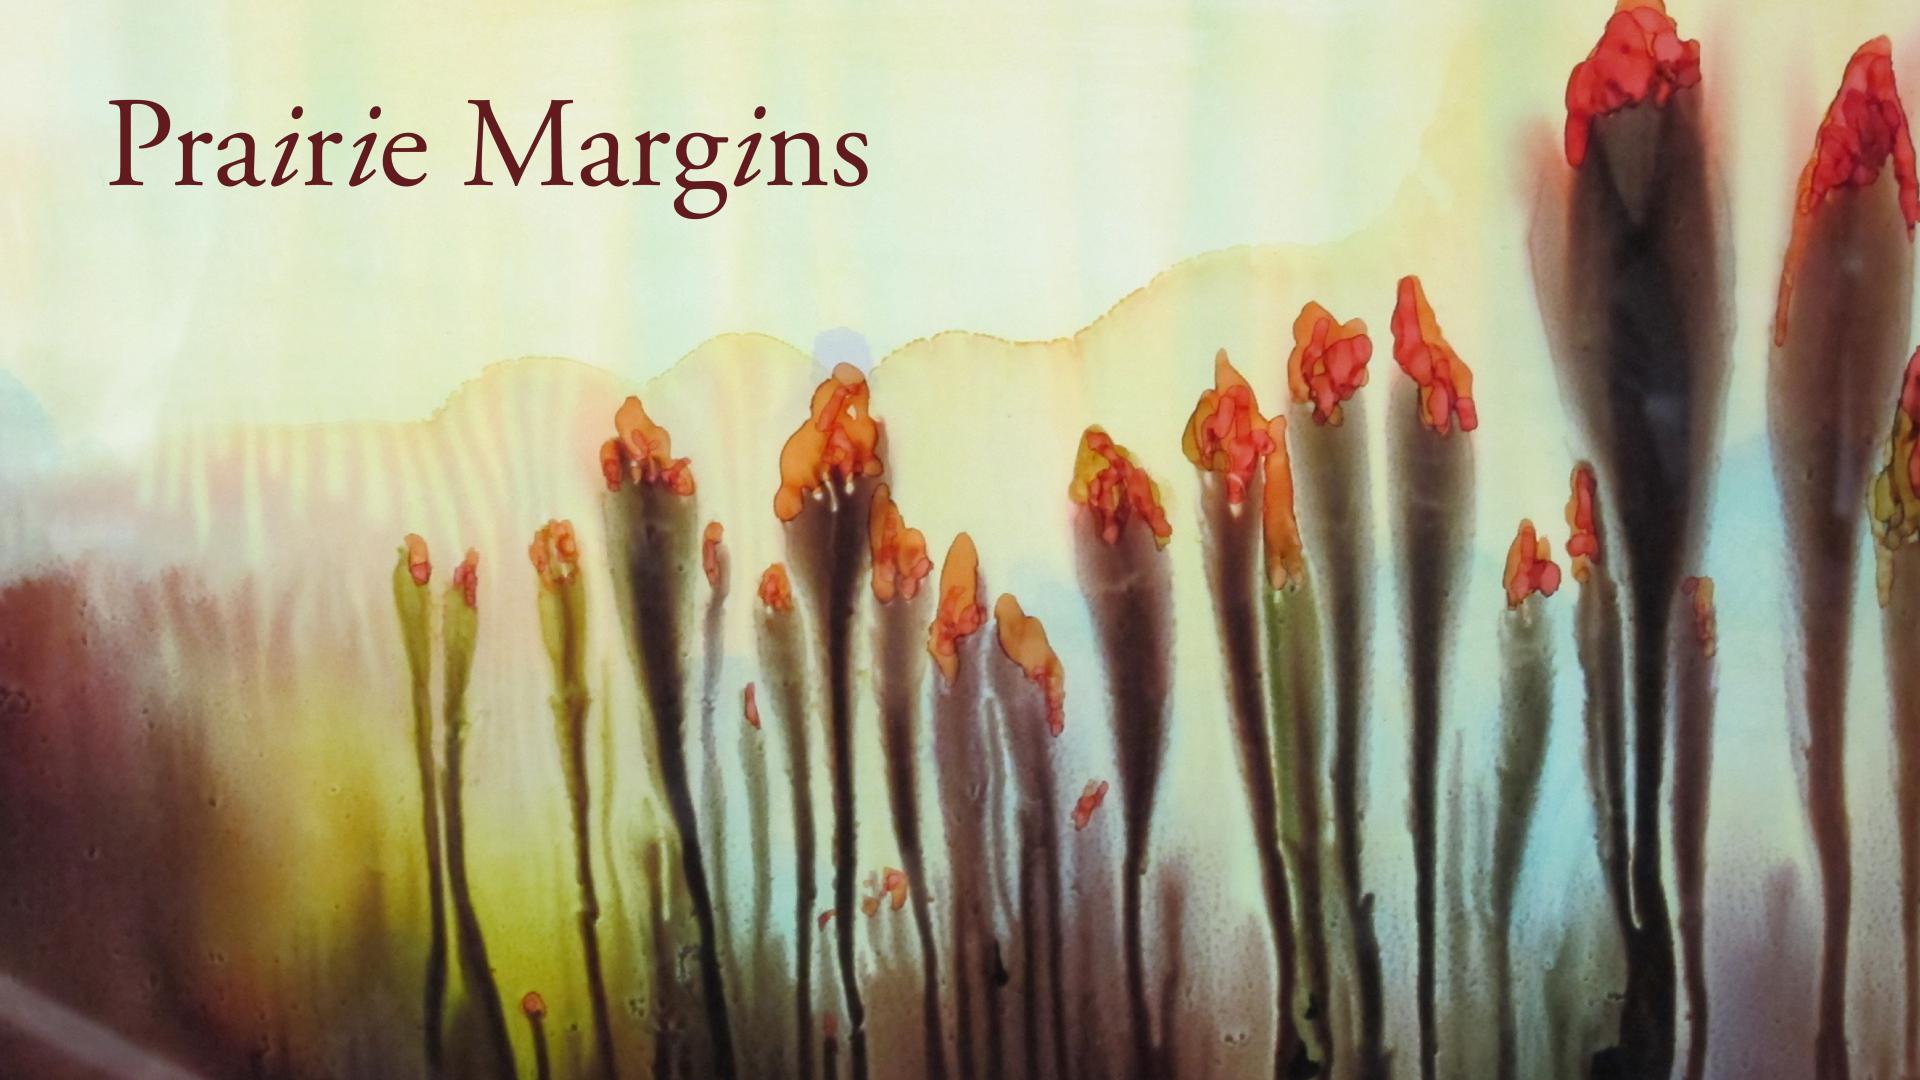 Prairie Margins